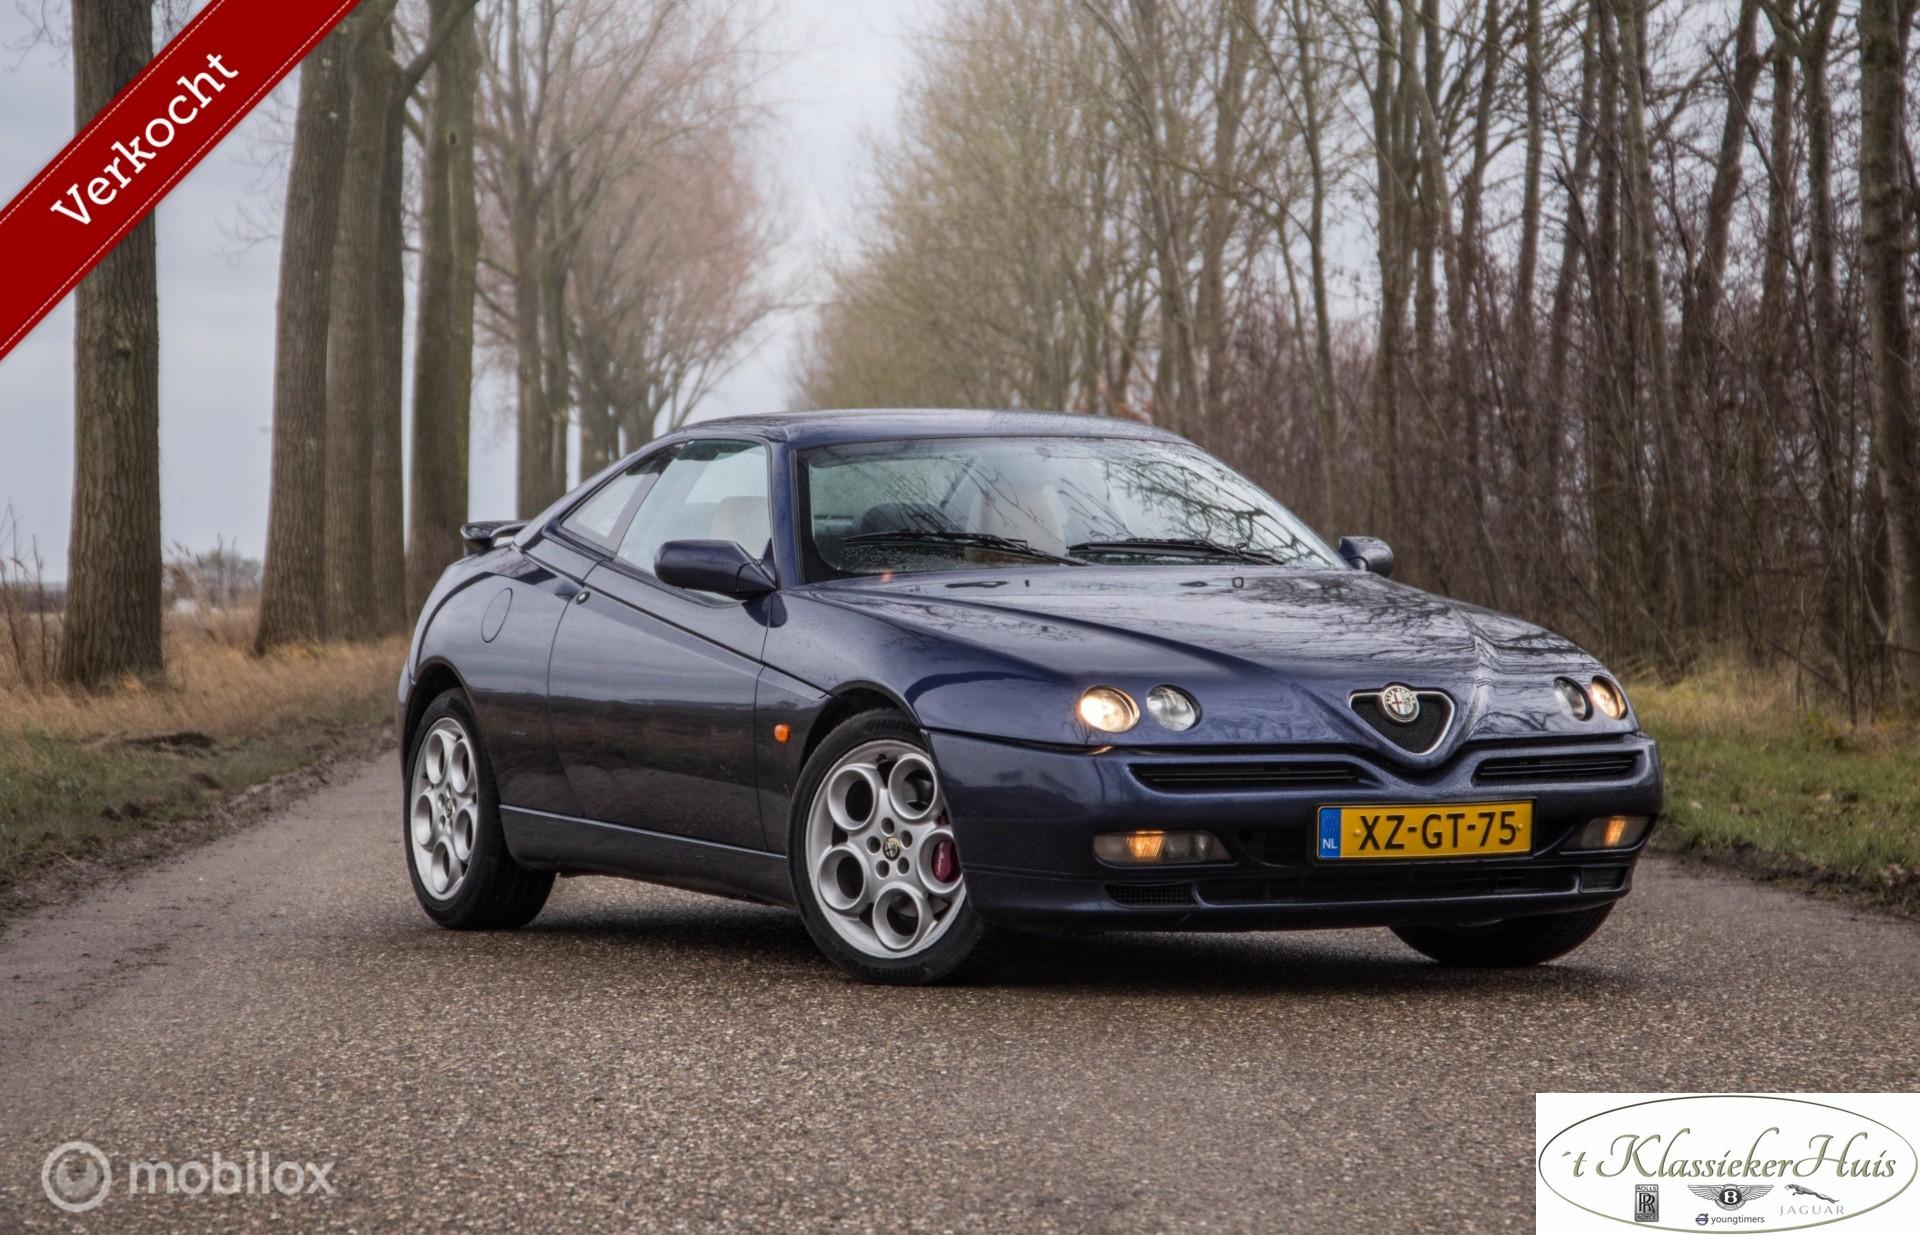 Alfa Romeo GTV 3.0-24V V6 L nwe distributie